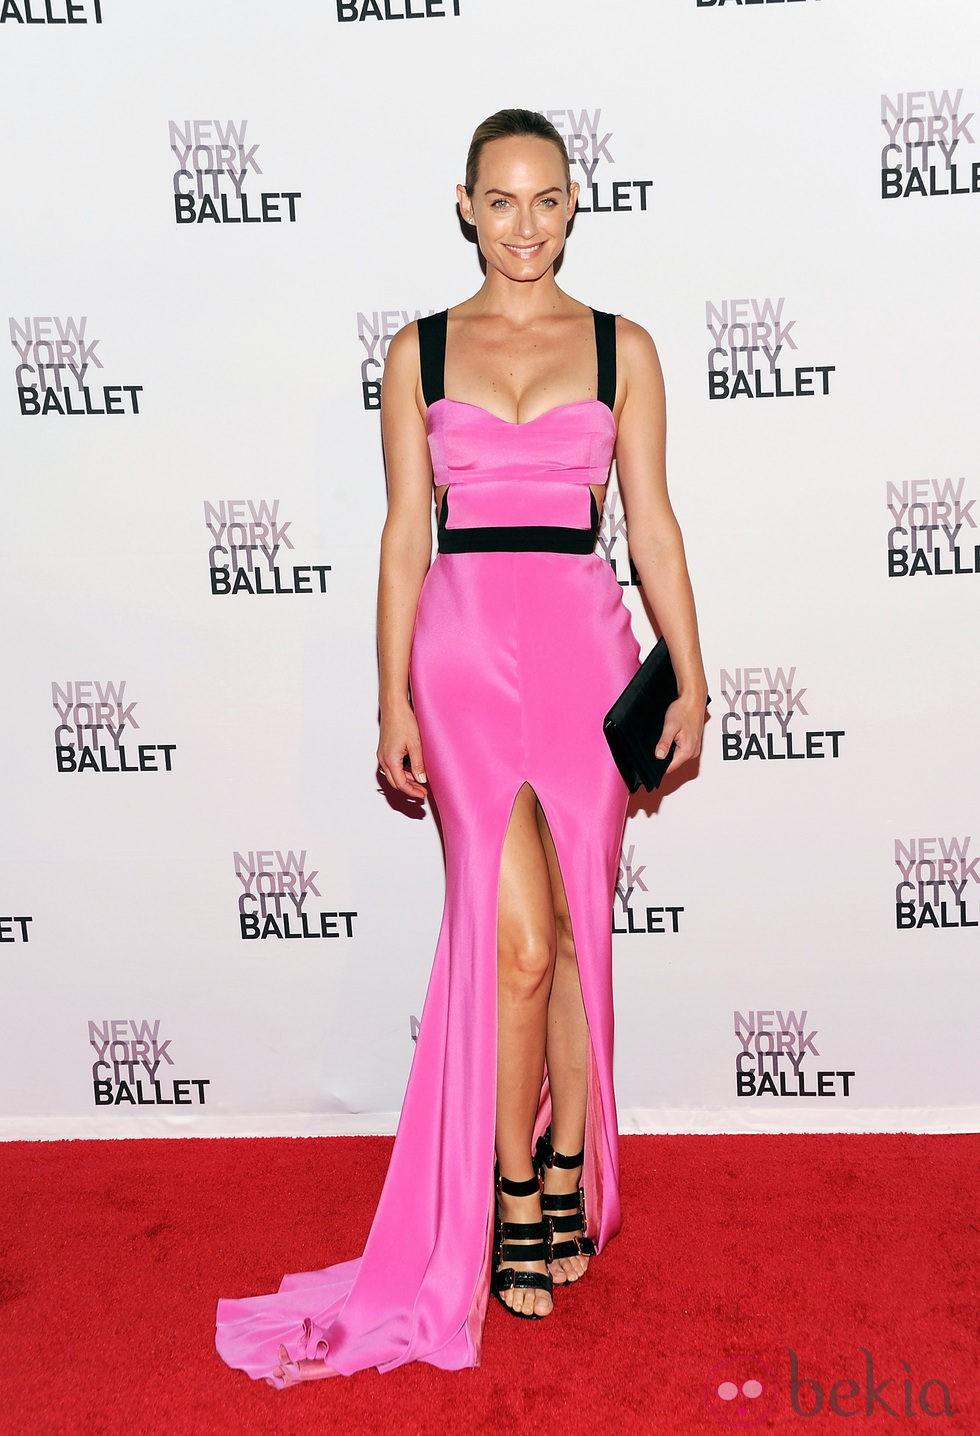 Amber Valletta en la Gala de Otoño del Ballet de Nueva York 2013